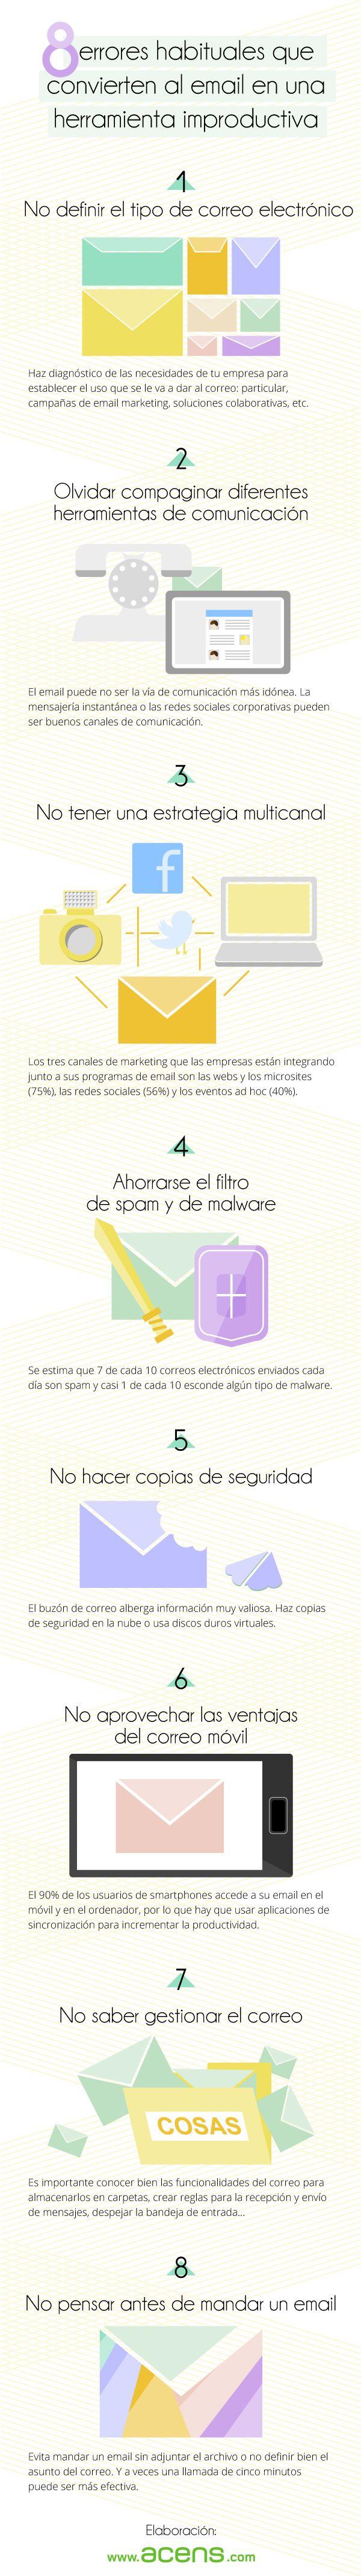 8 errores en el uso del email que lo hacen improductivo #infografia #infographic #marketing